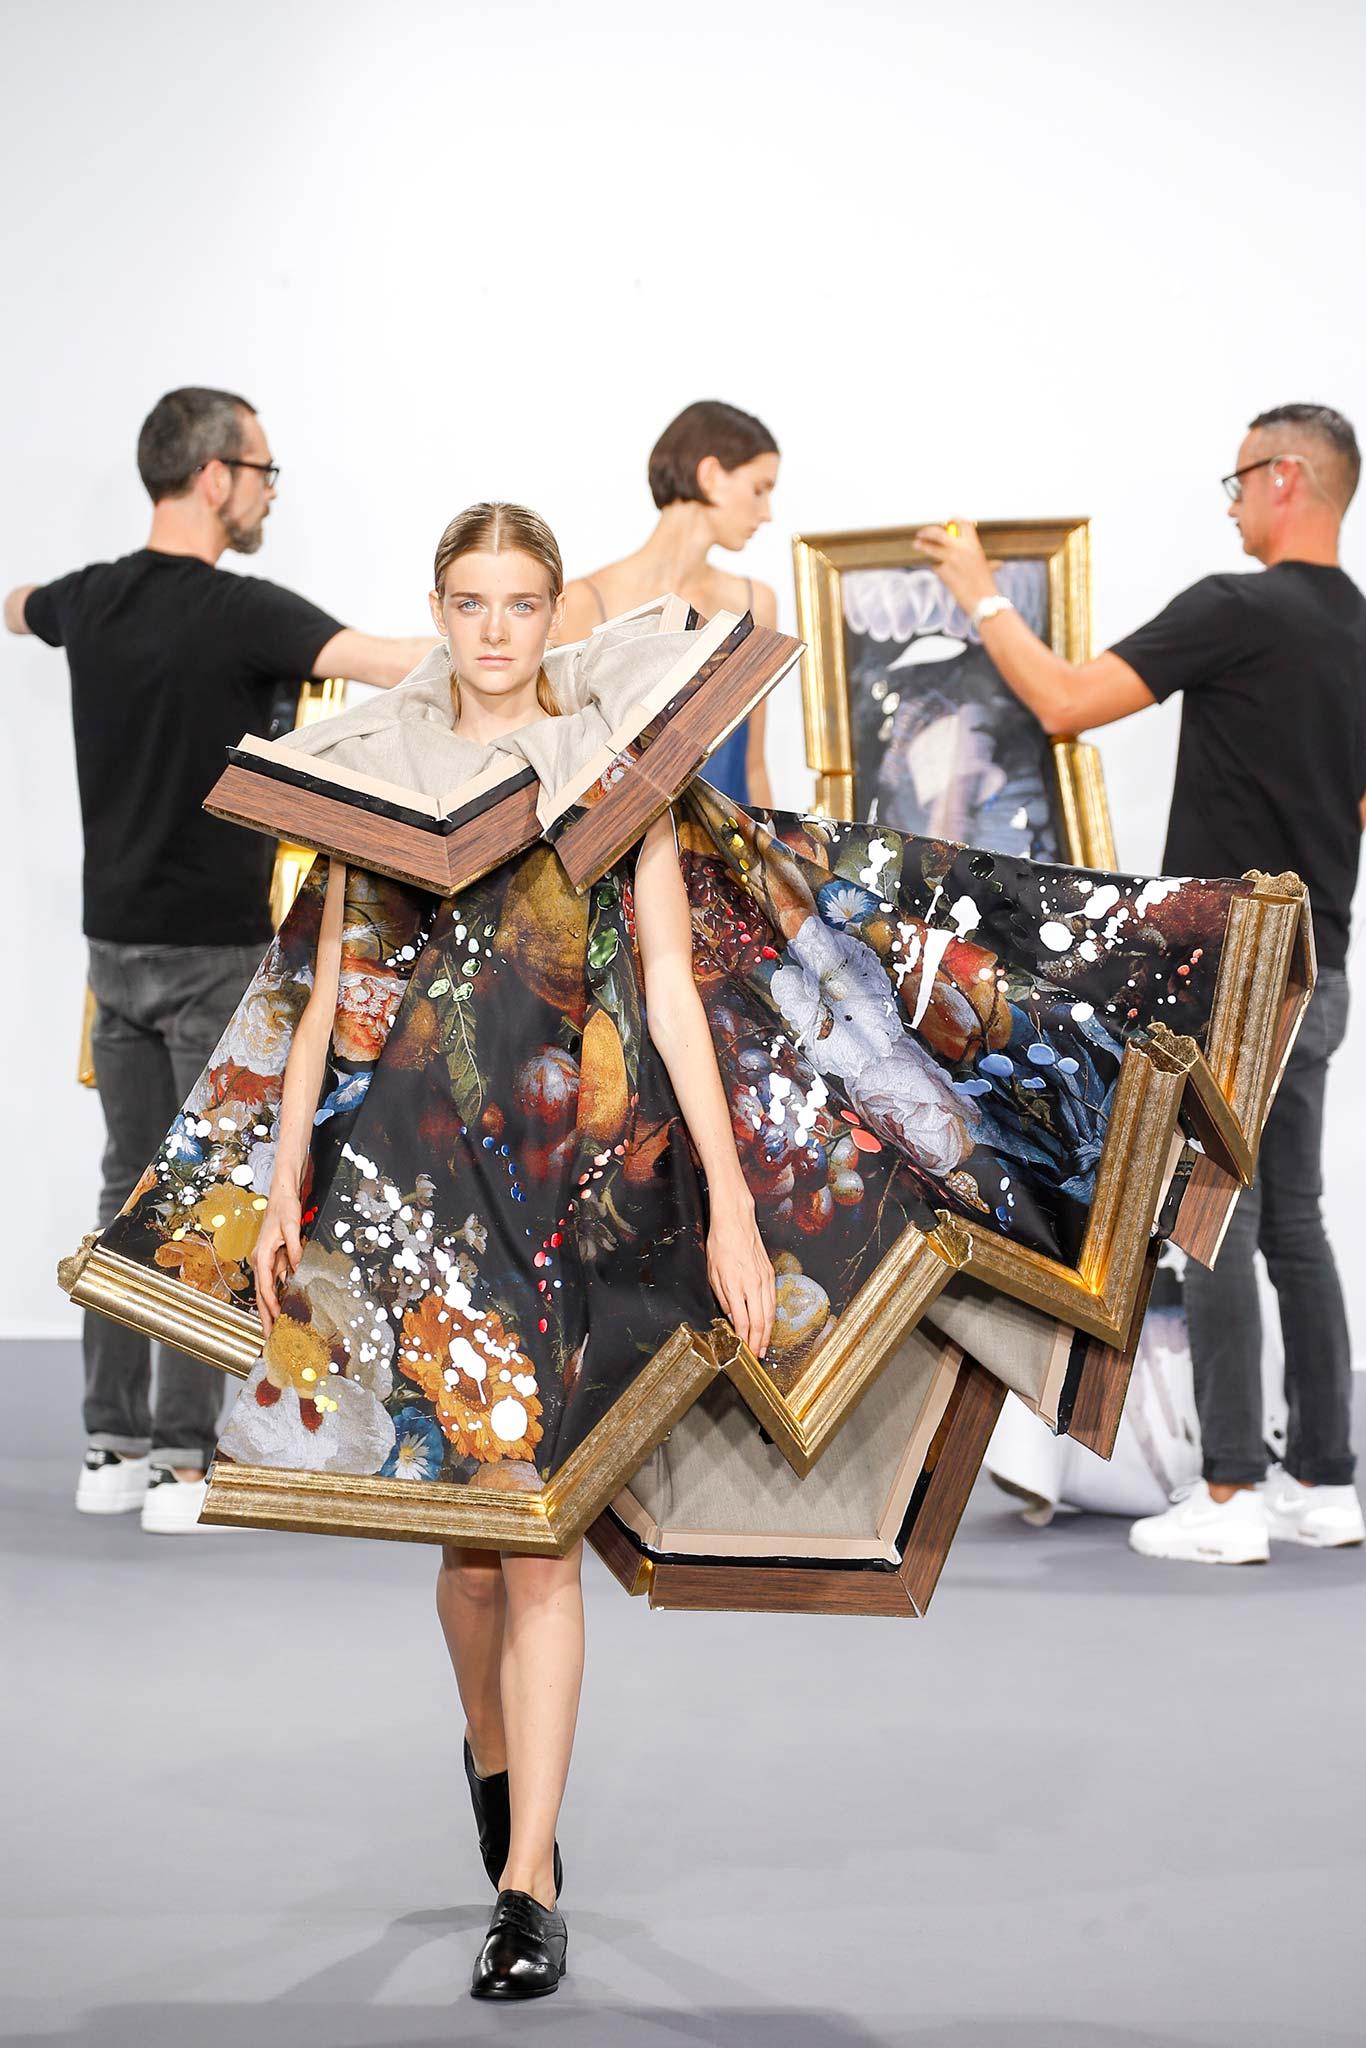 Viktor & Rolf - A kisasszony belesett a festménybe.